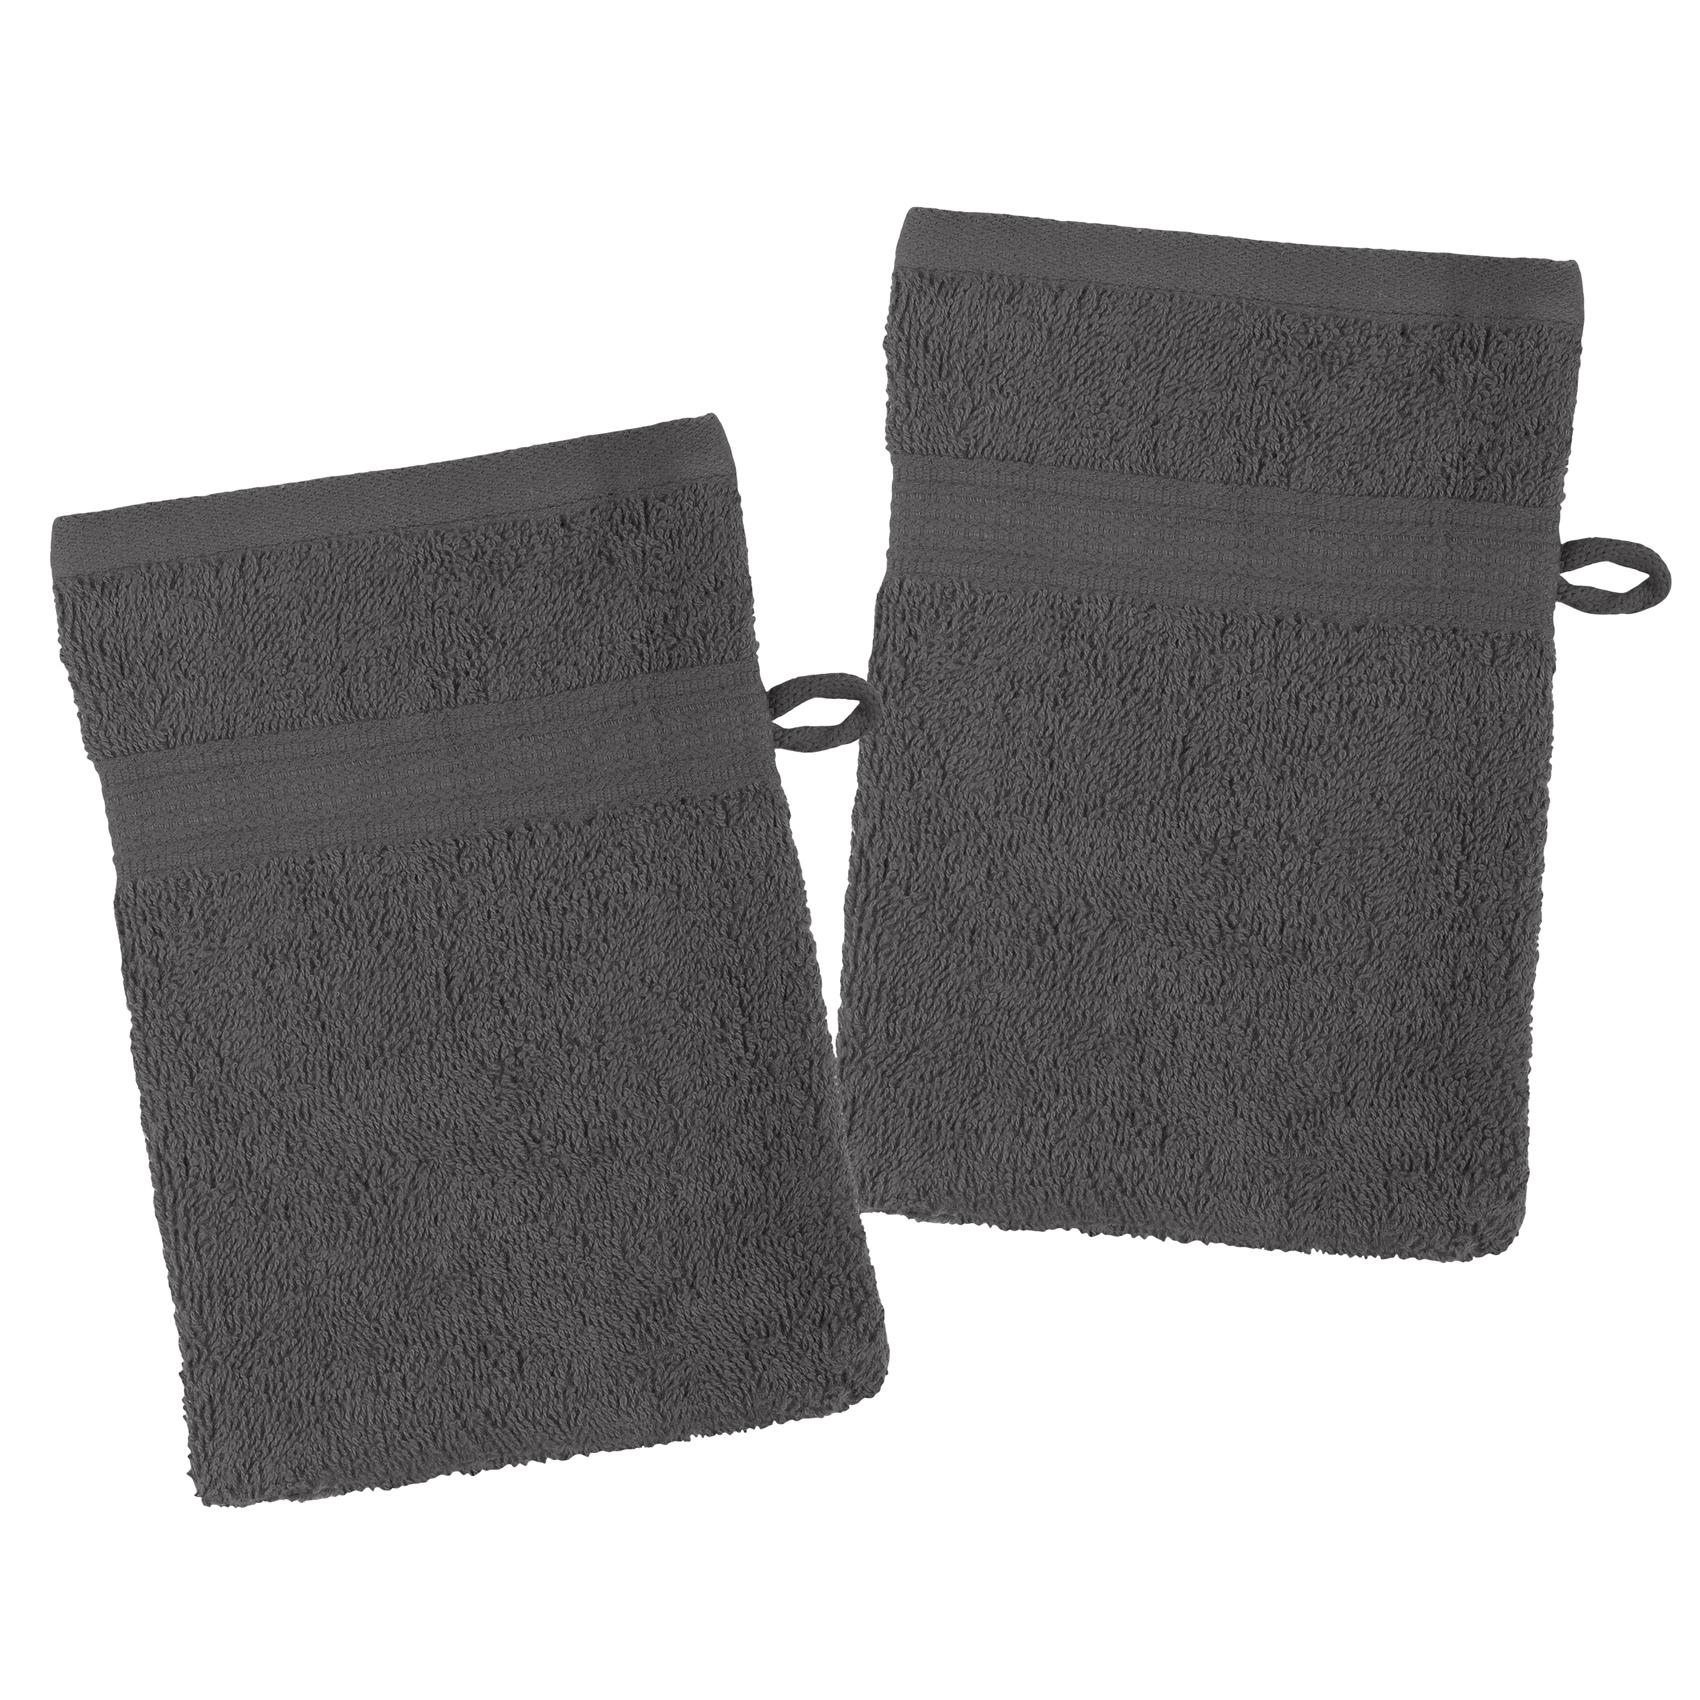 Lot de 2 gants de toilette en coton bio coton anthracite 21x15